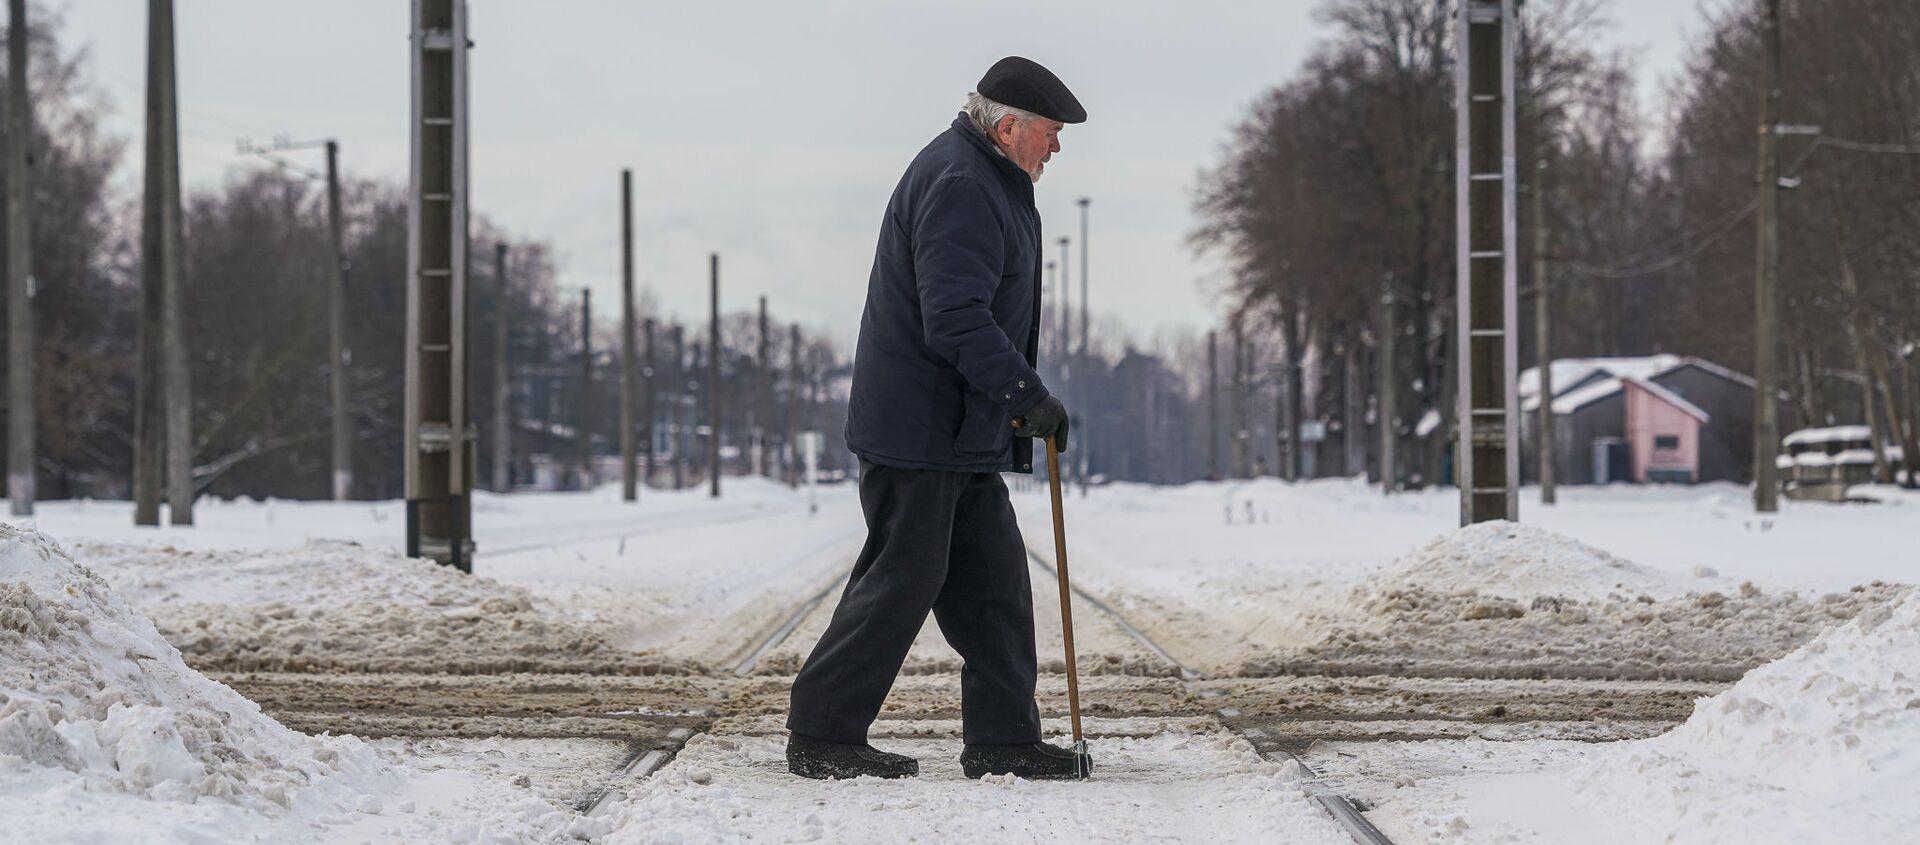 Пожилой мужчина переходит через железнодорожные пути - Sputnik Латвия, 1920, 10.02.2021